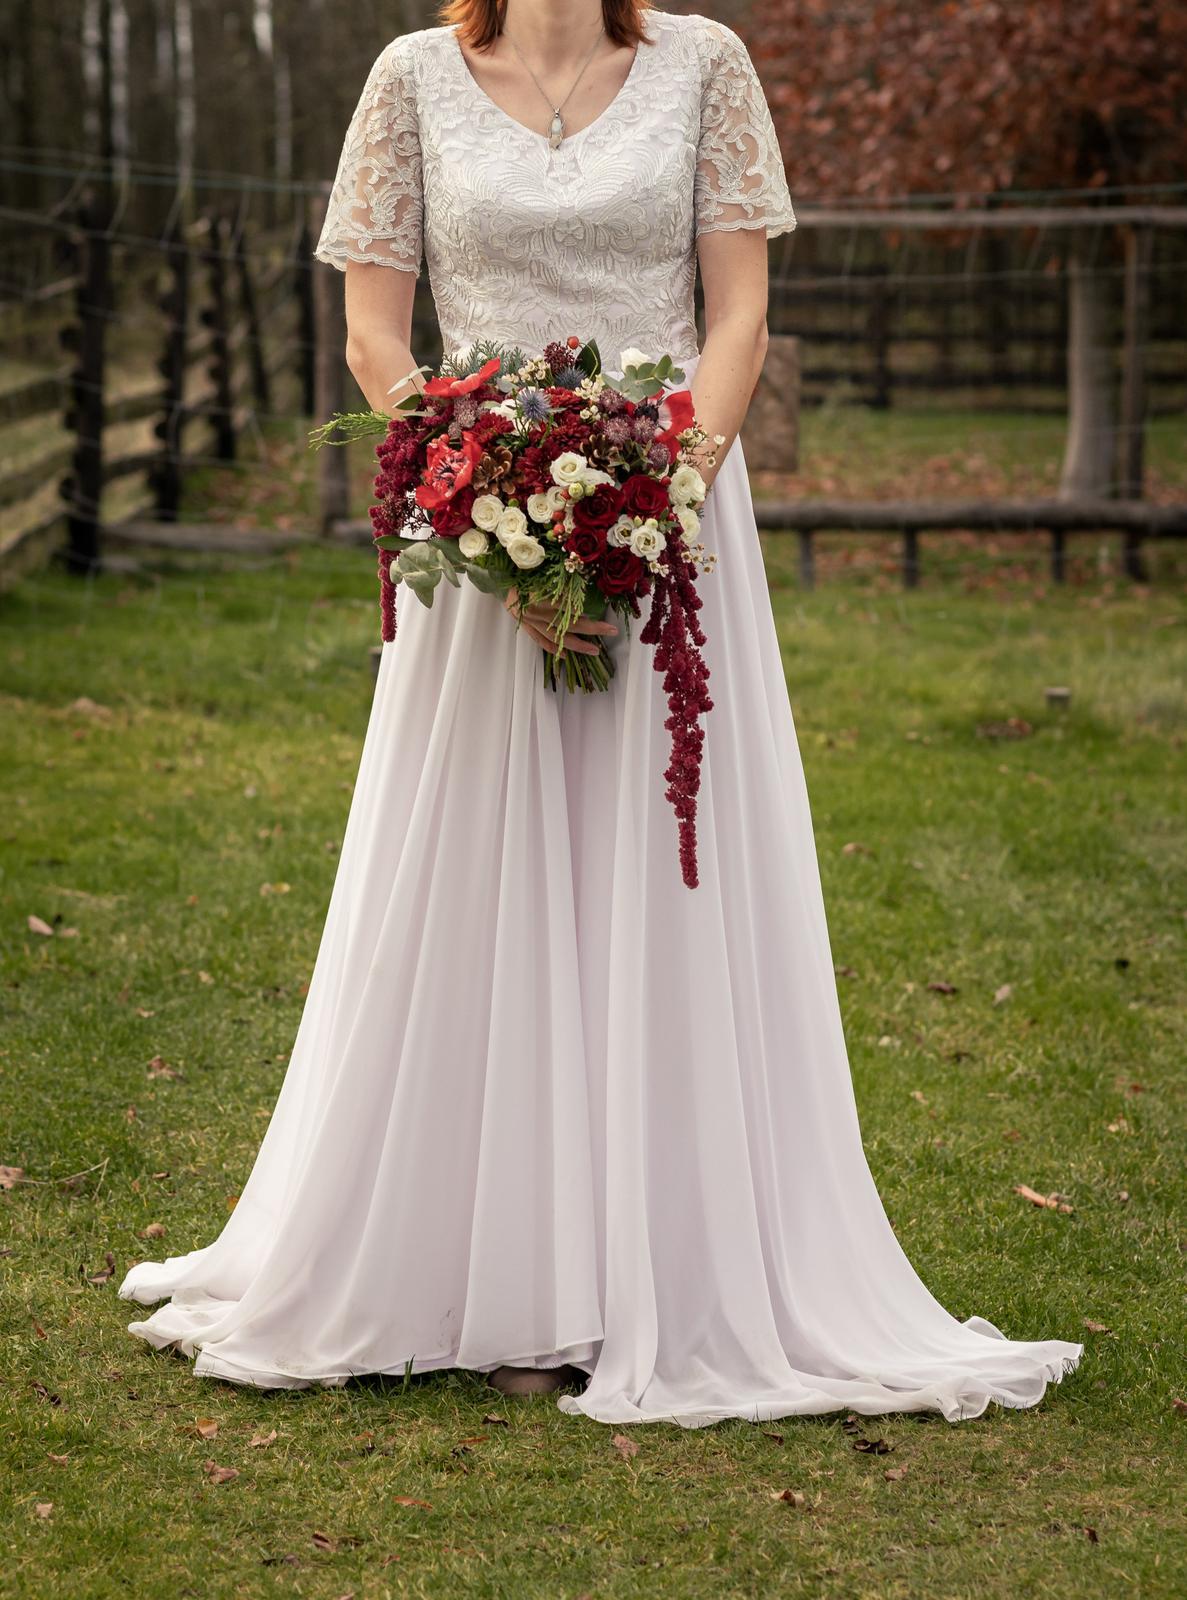 Svatební šaty v boho stylu, vel. 38 (M) - Obrázek č. 1